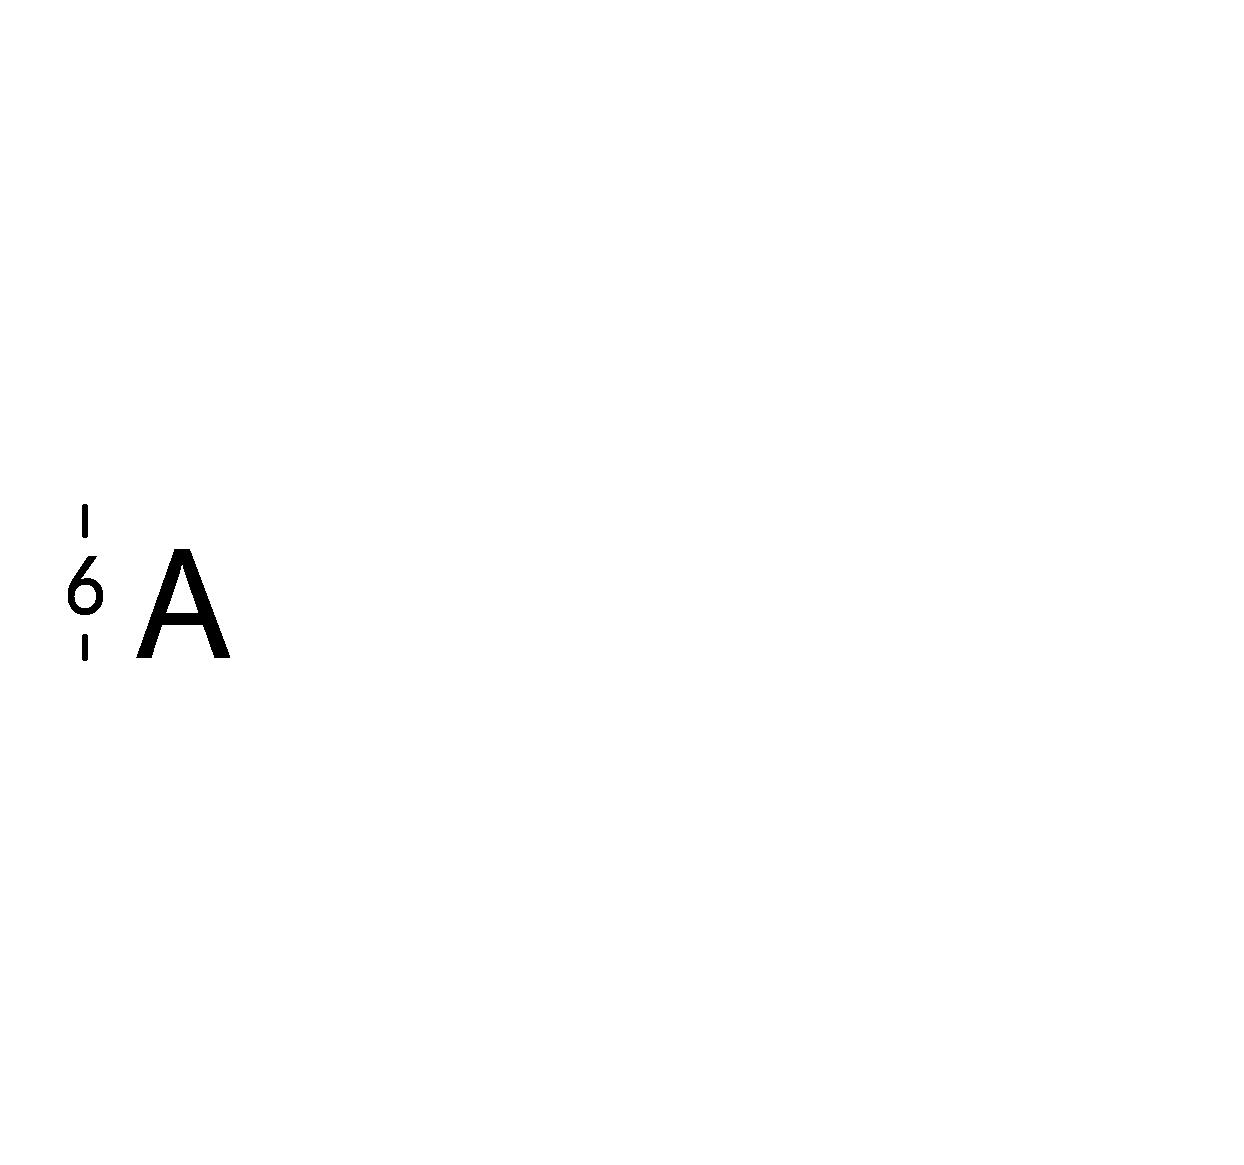 Caratteri ritagliati h6cm